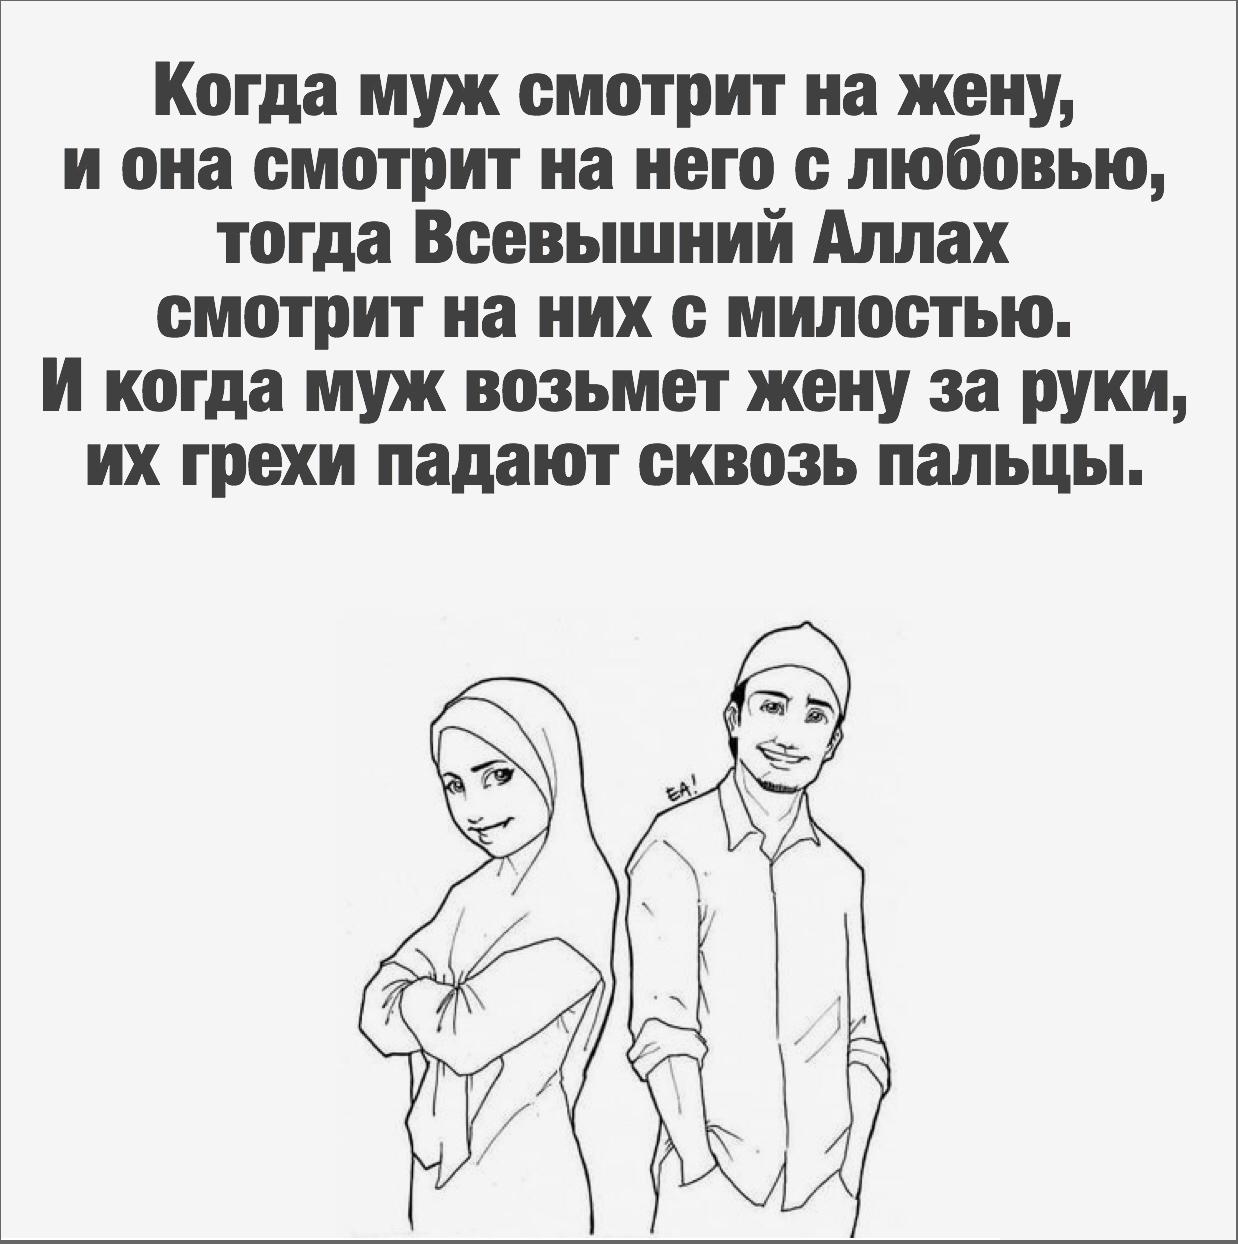 Картинки исламские для мужа